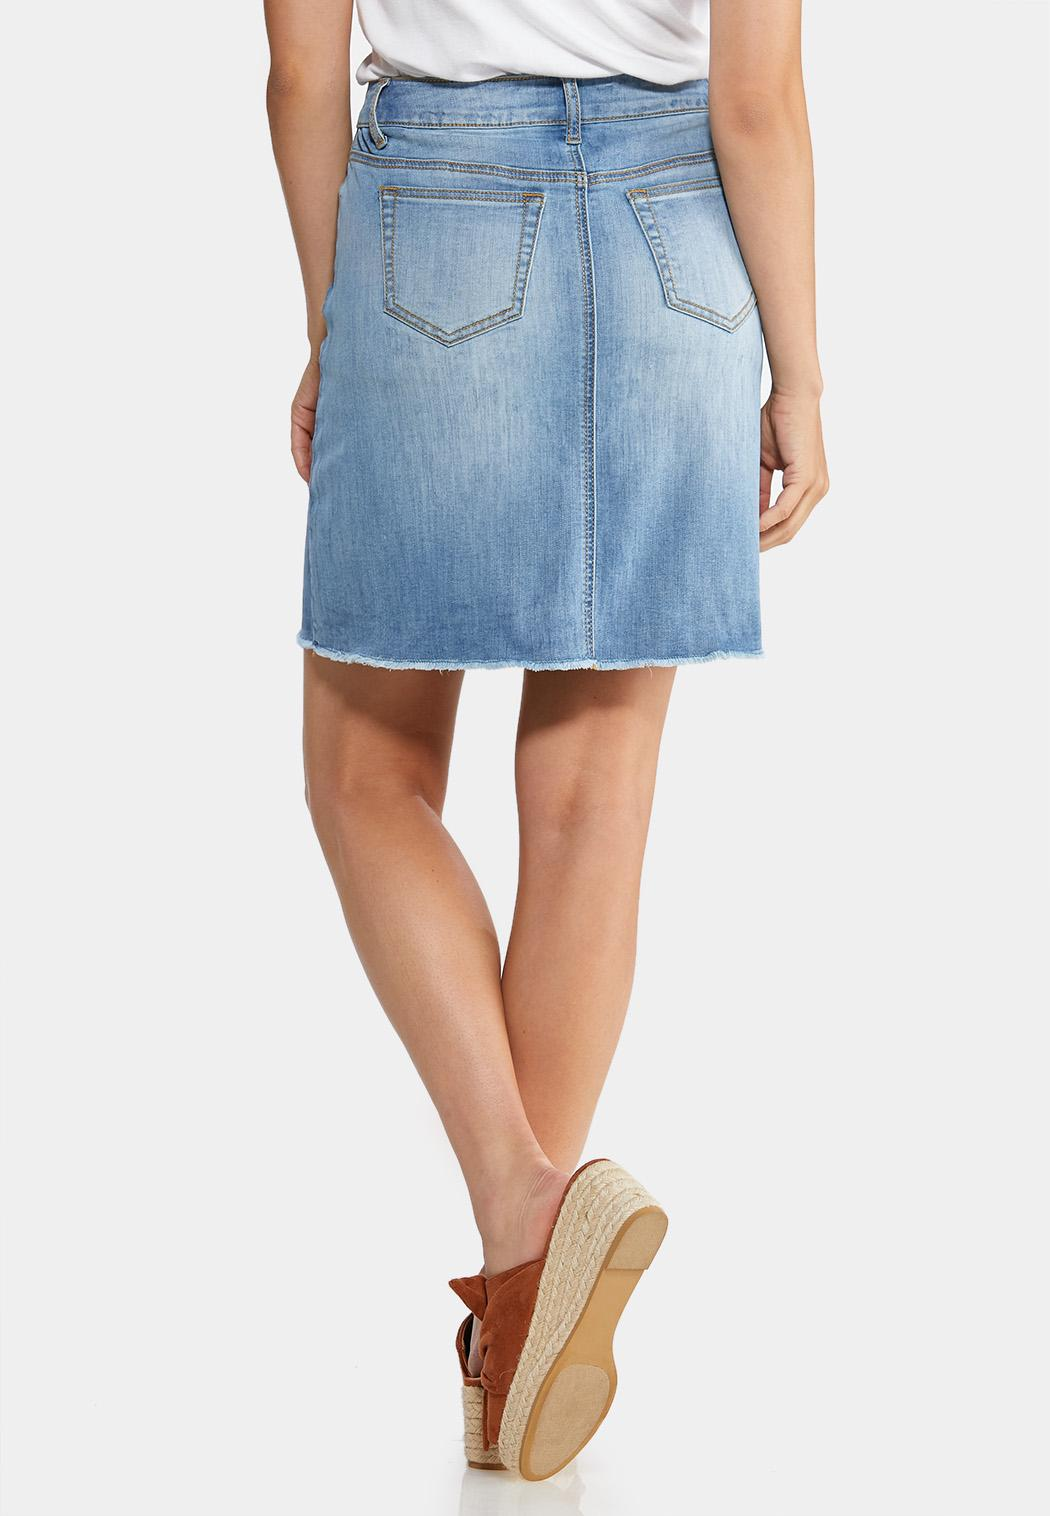 Zig Zag Stitch Denim Skirt (Item #43917378)